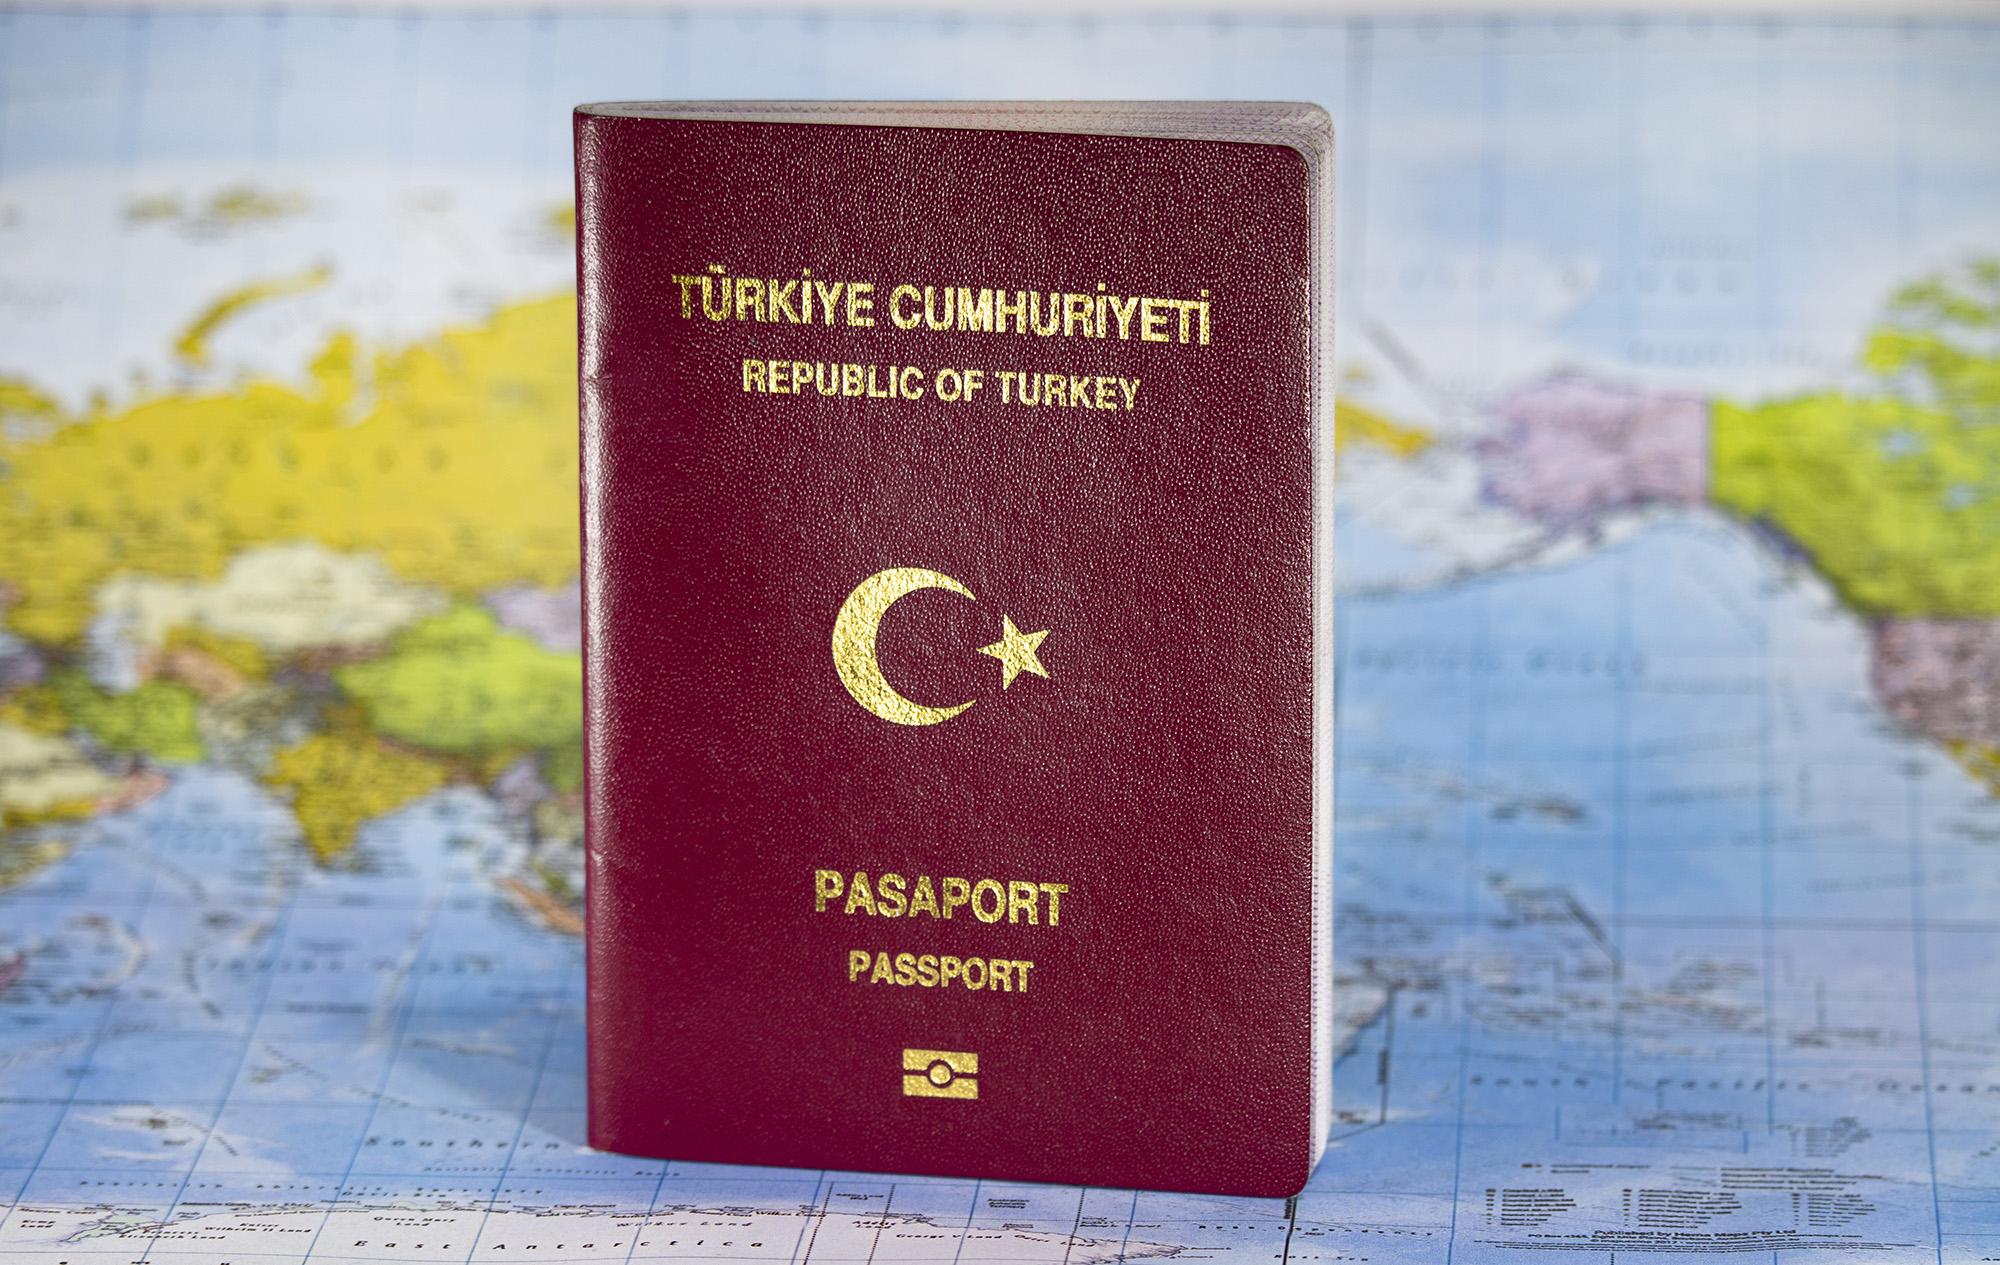 Turquie | Formalités d'entrée et contacts utiles | Routard.com